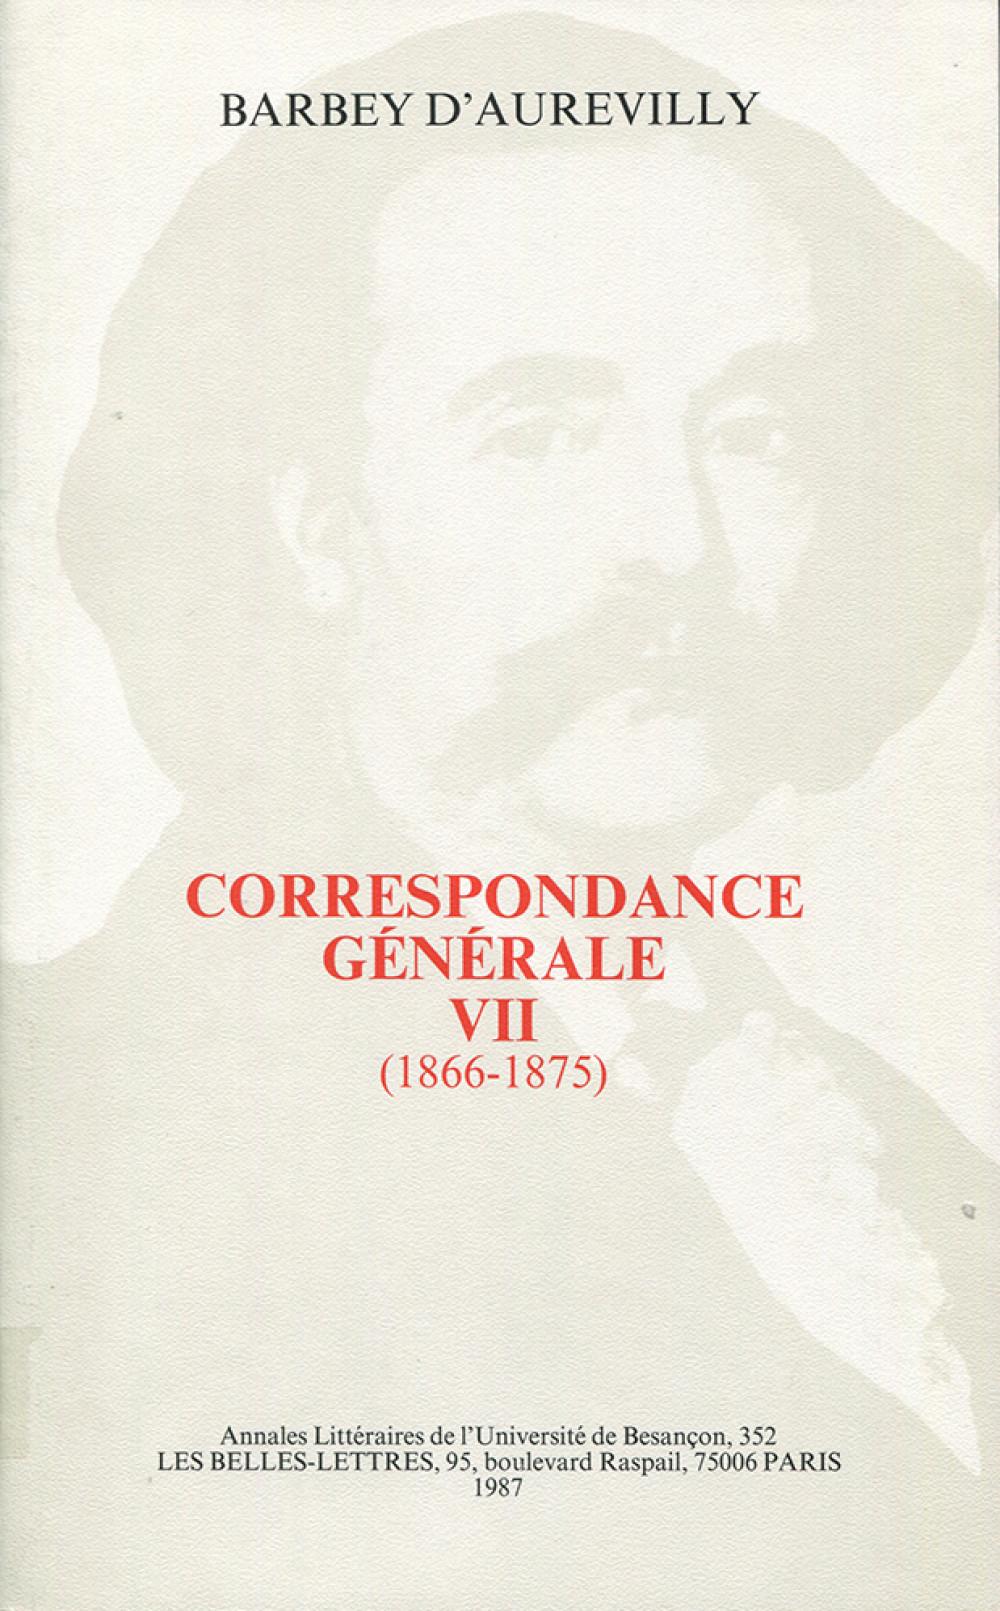 Barbey d'Aurevilly. Correspondance générale VII (1866-1875)